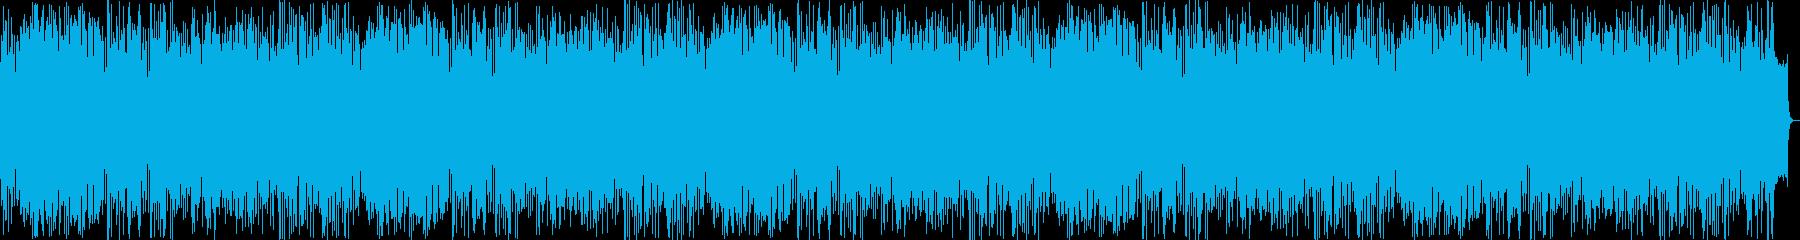 明るく爽やかなリズミカルな音楽の再生済みの波形